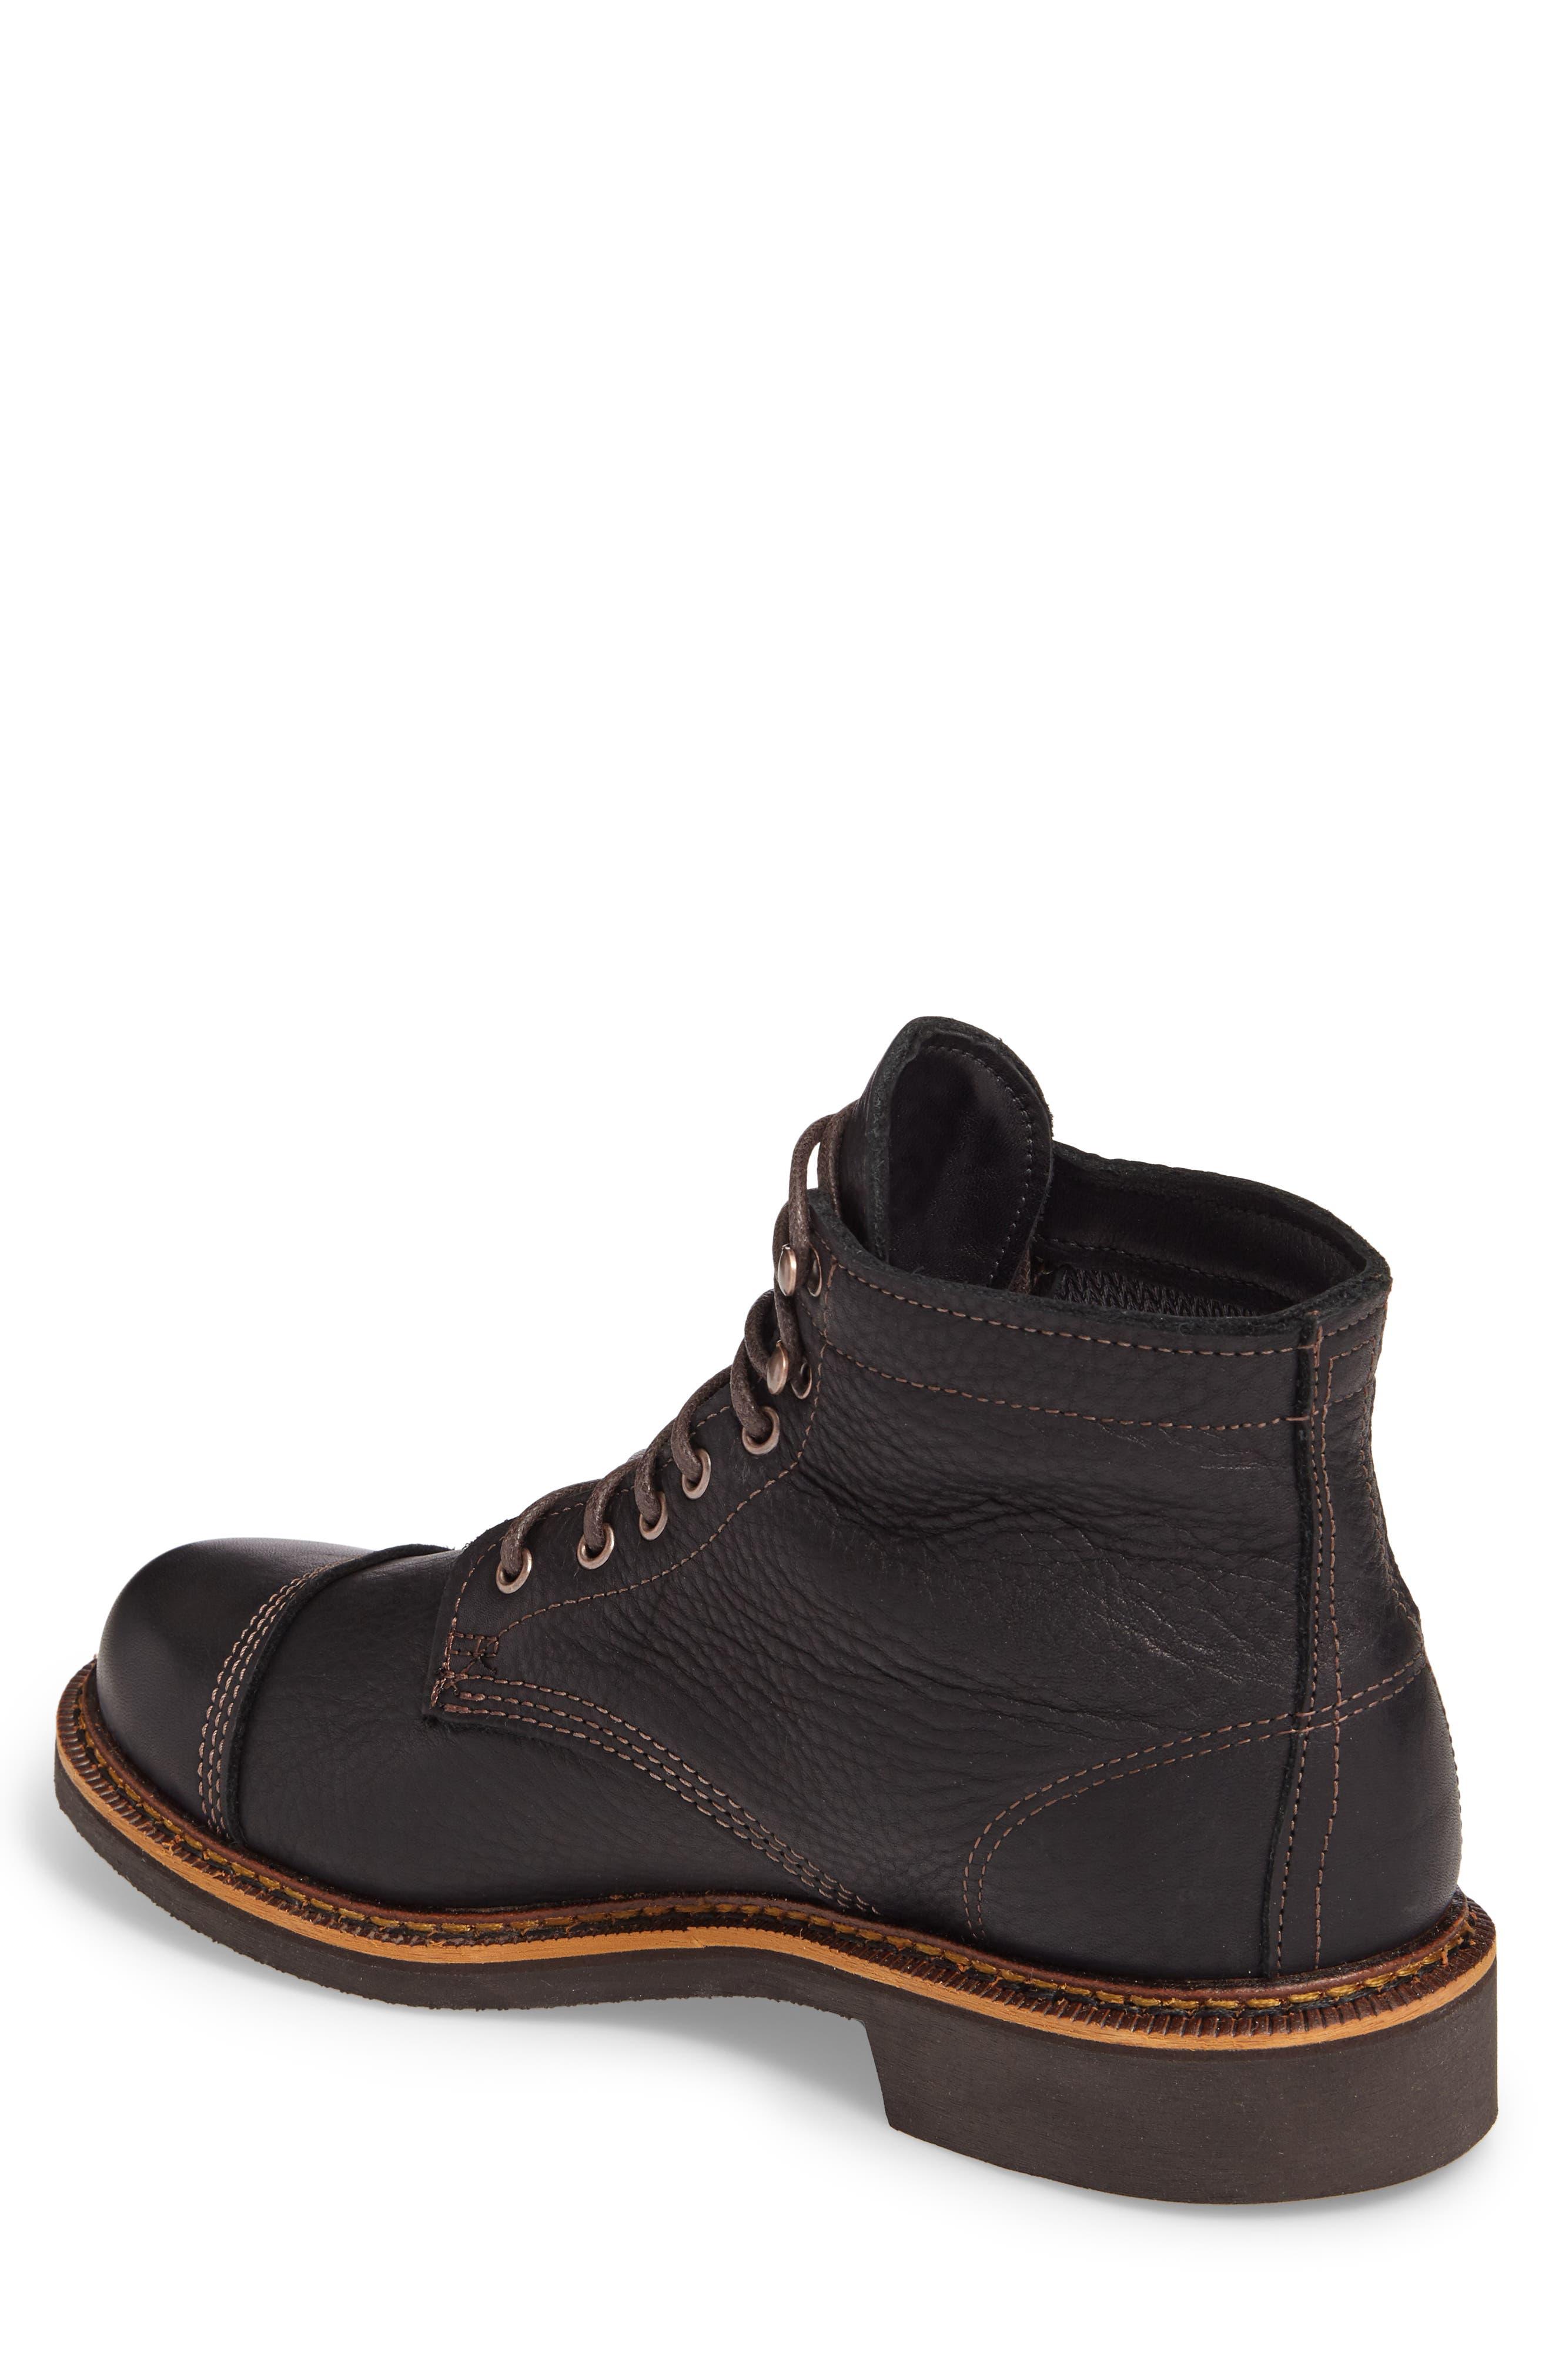 Jensen Cap Toe Boot,                             Alternate thumbnail 2, color,                             BLACK